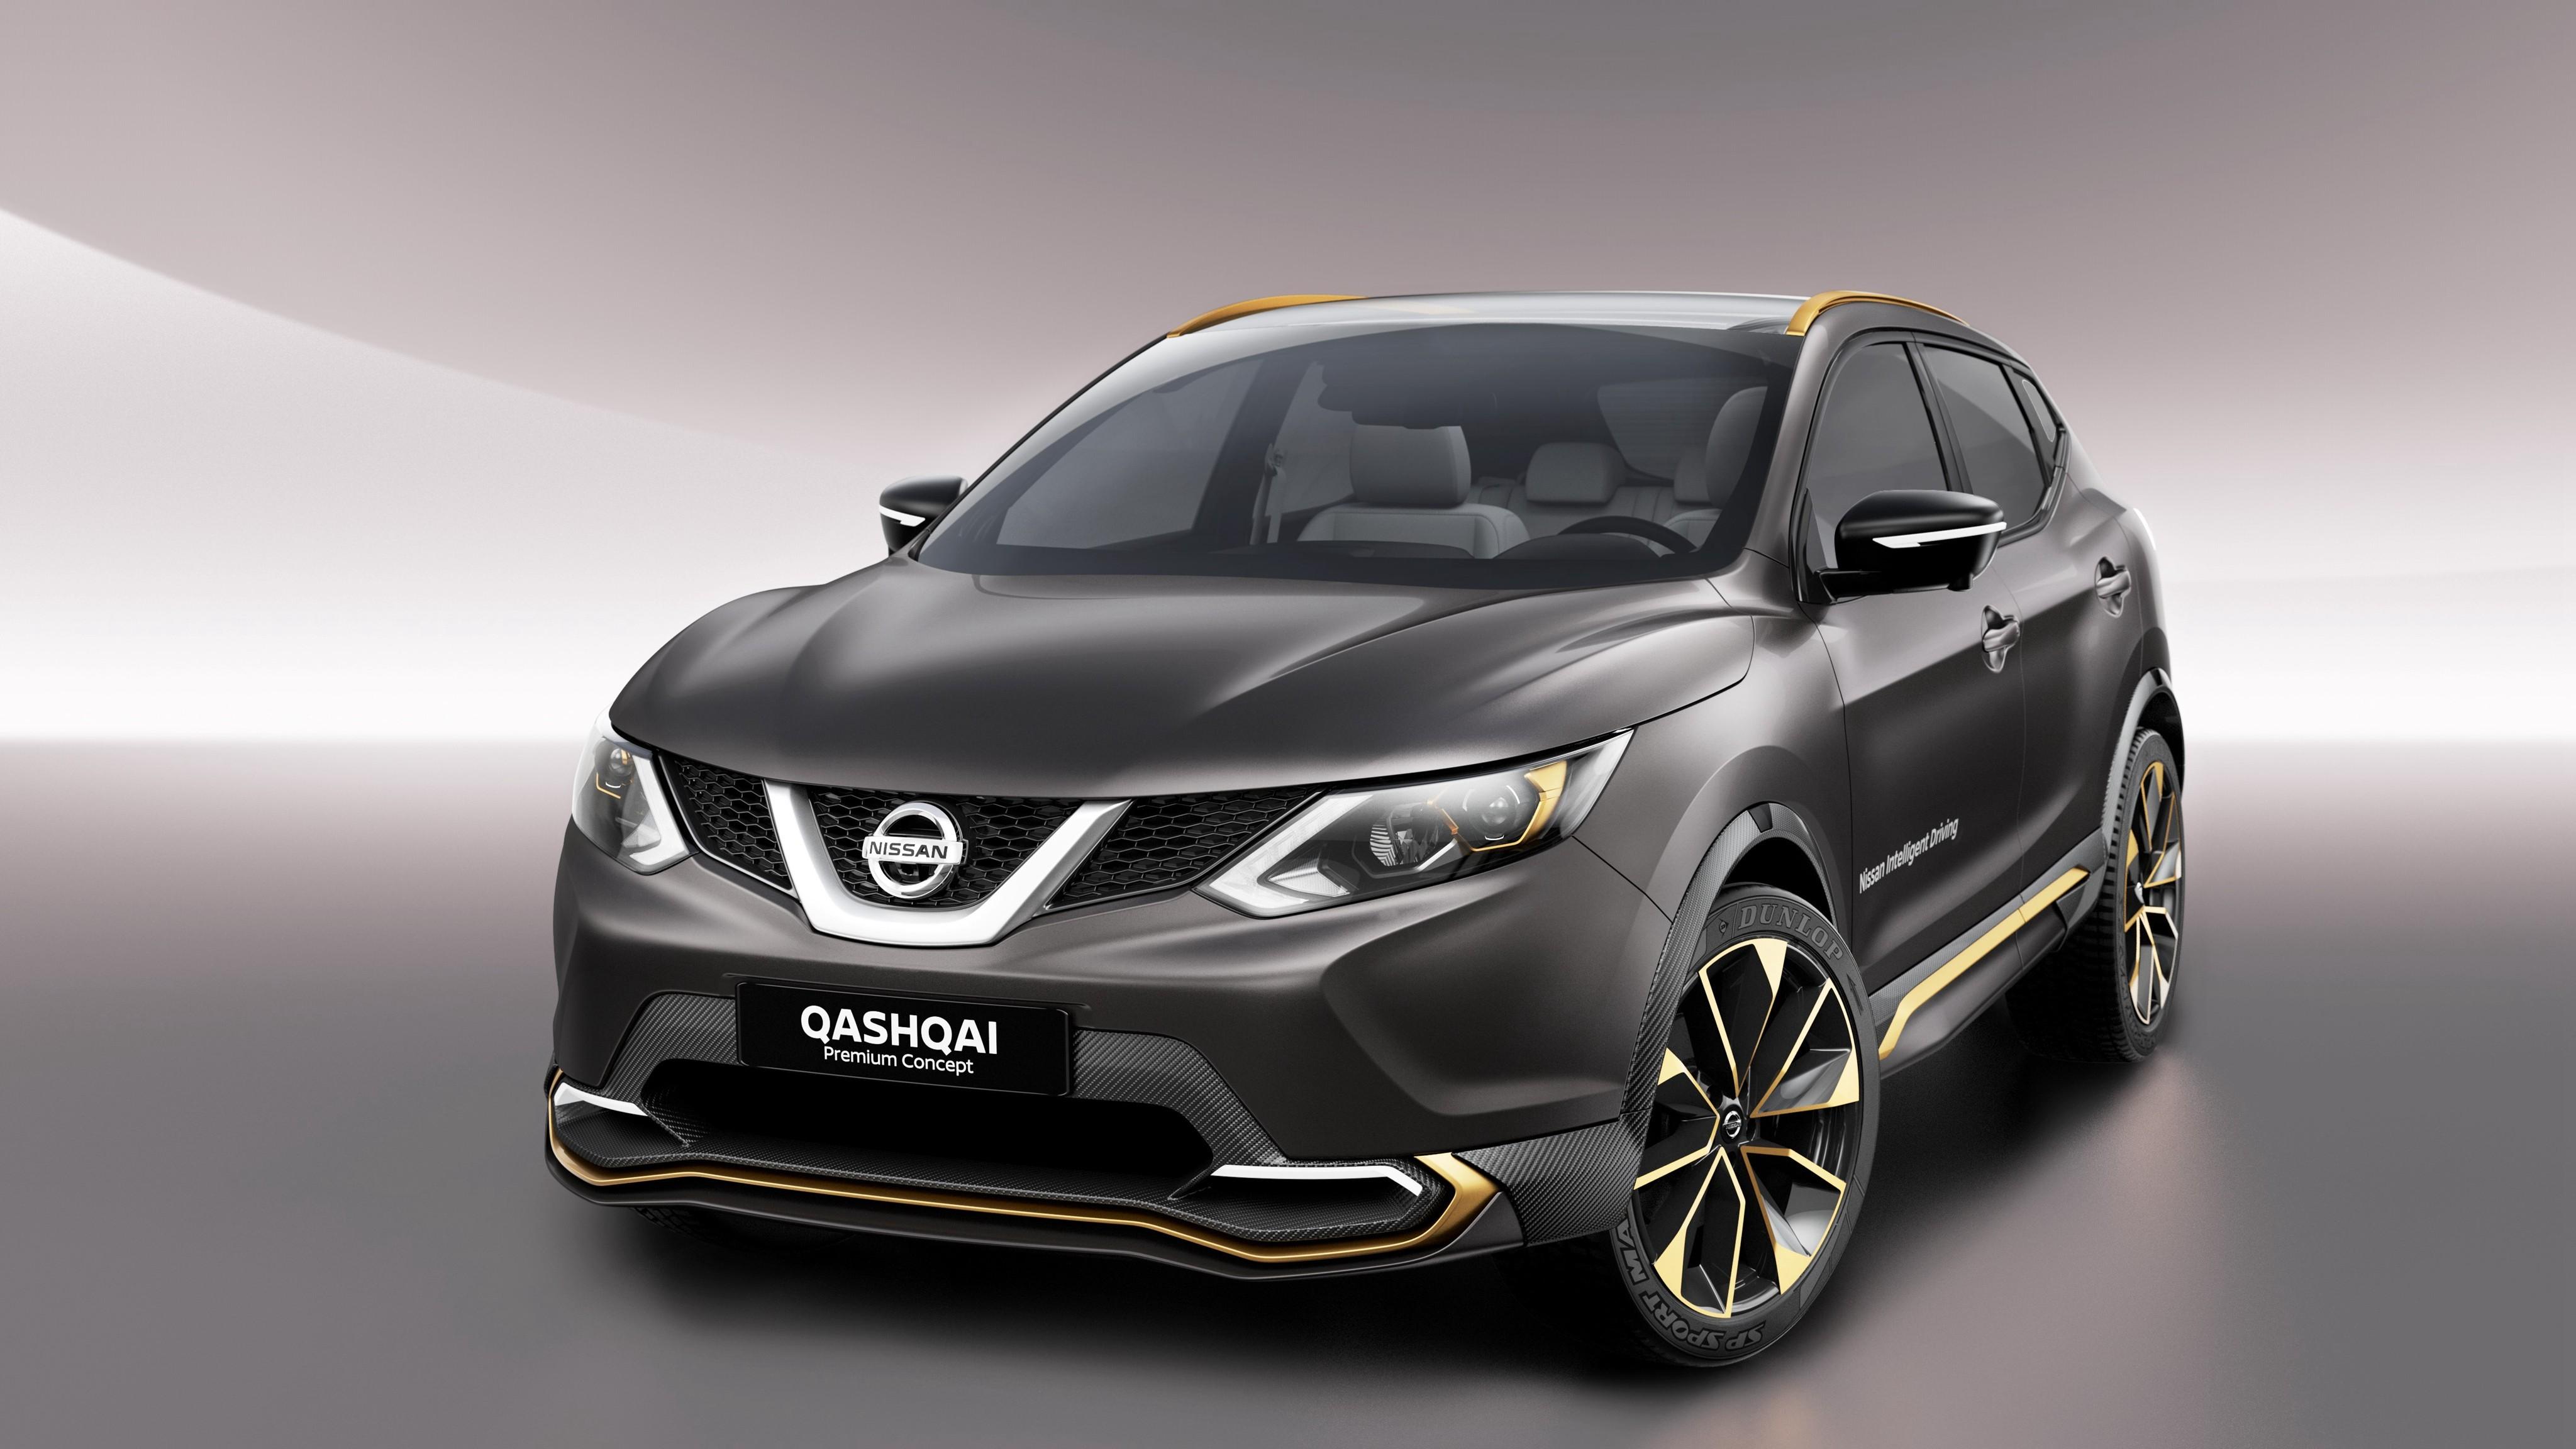 На фото: Nissan Qashqai Premium Concept